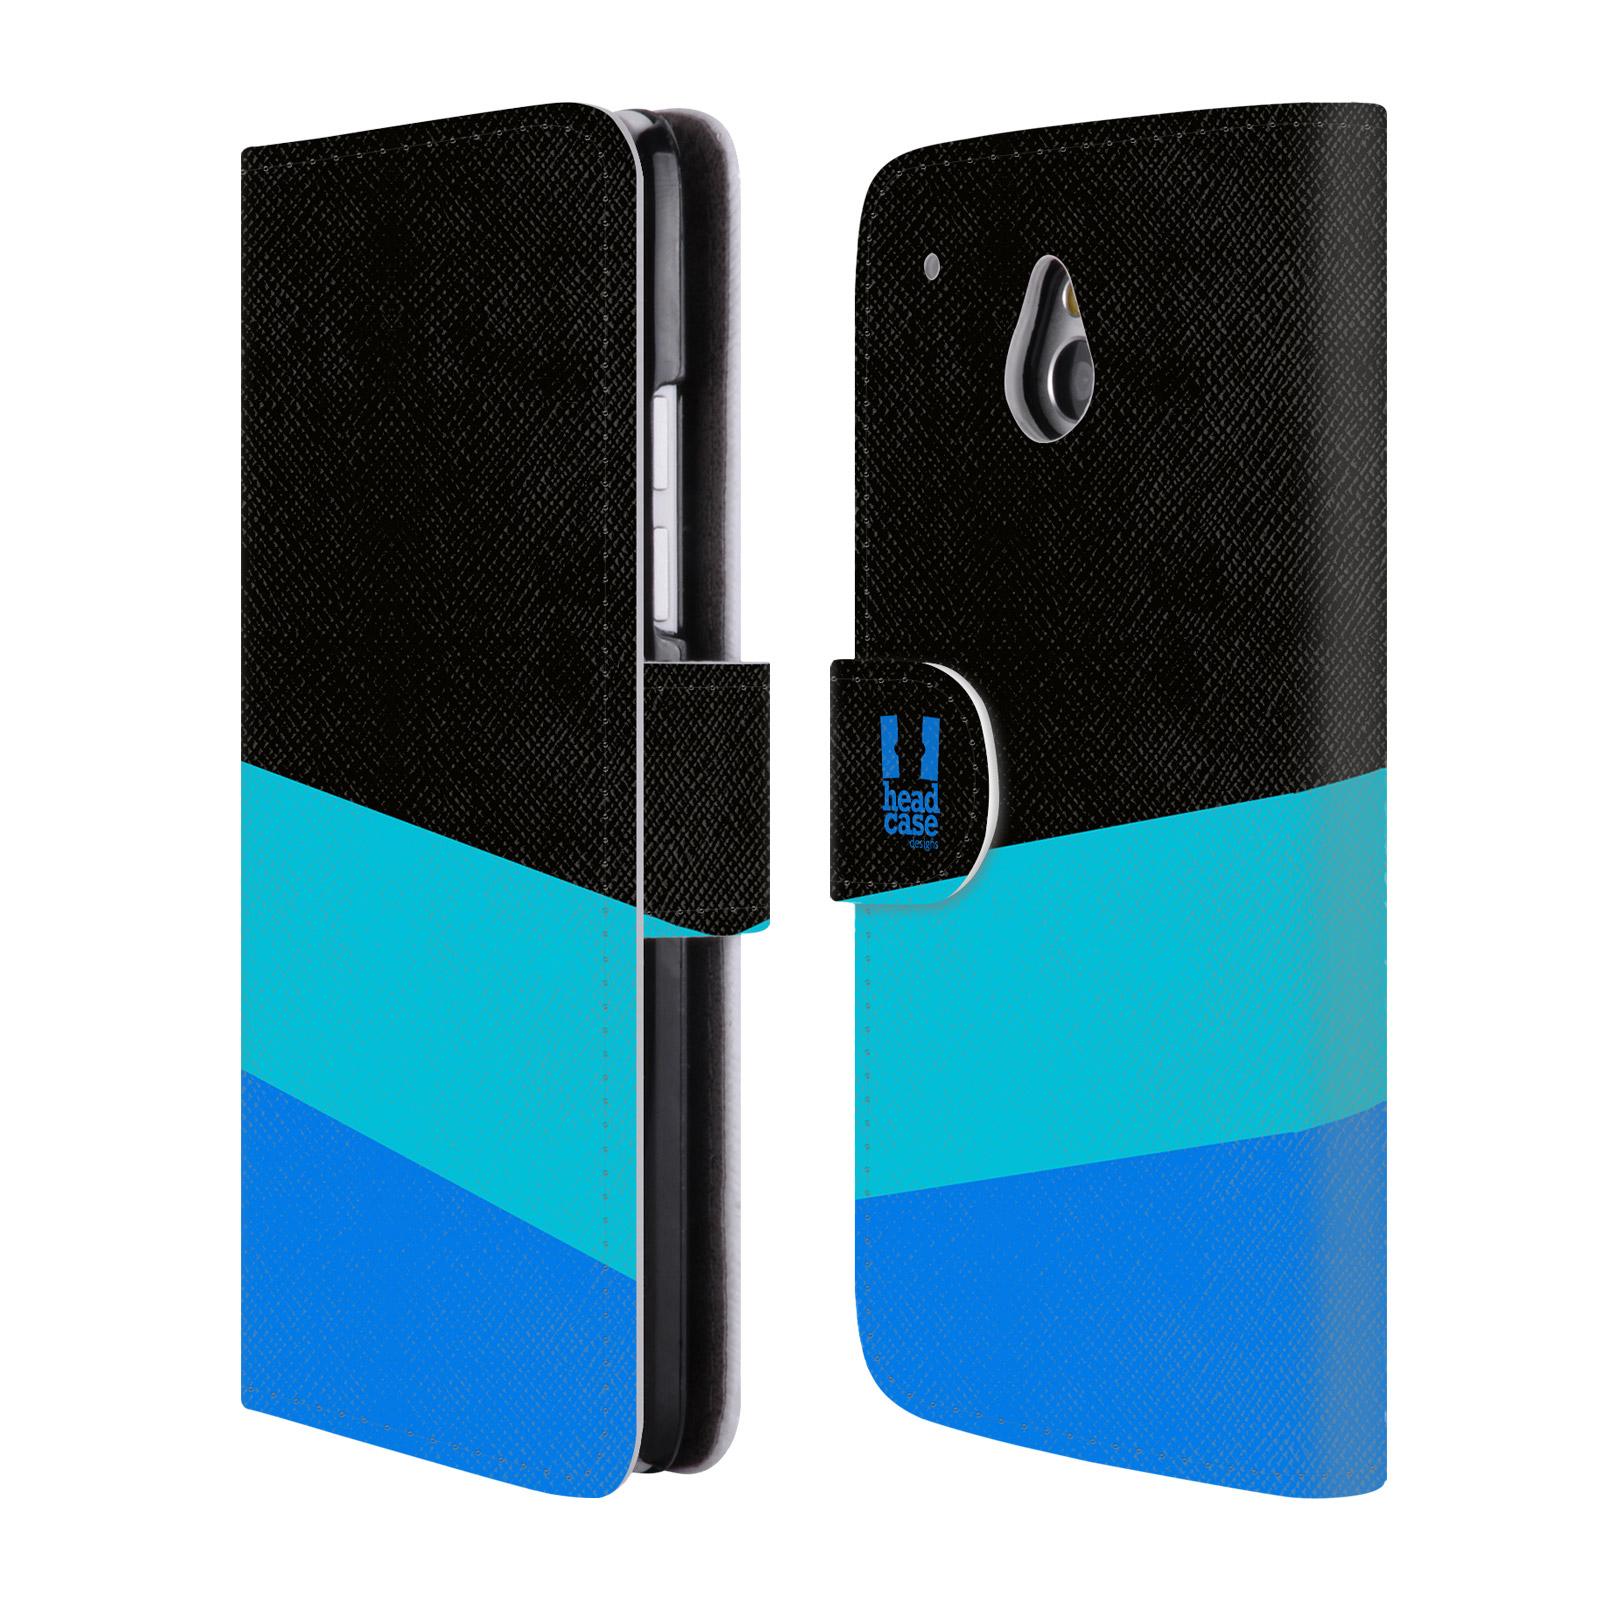 HEAD CASE Flipové pouzdro pro mobil HTC ONE MINI barevné tvary modrá a černá FORMAL